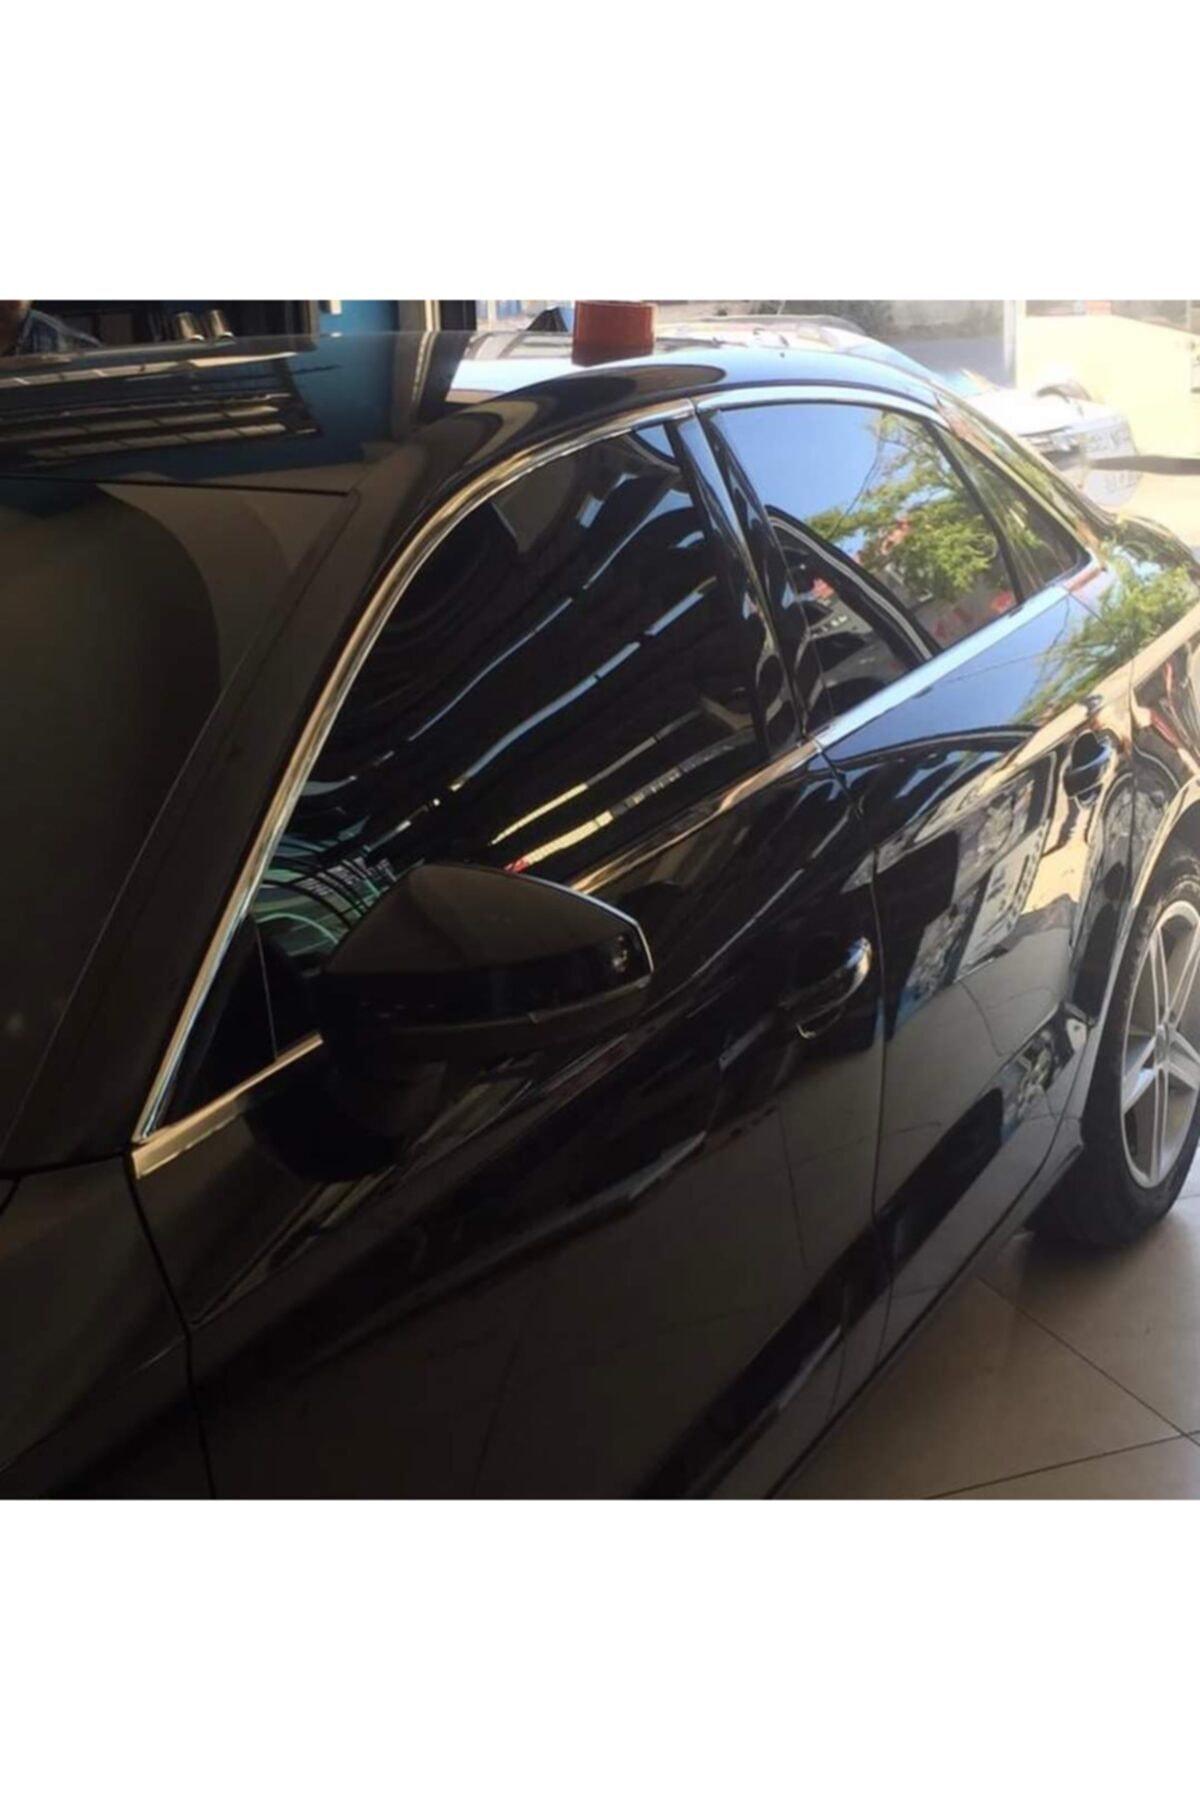 emrgarage Audi A3 Sedan 2013+krom Cam Çerçevesi Paslanmaz Krom 1